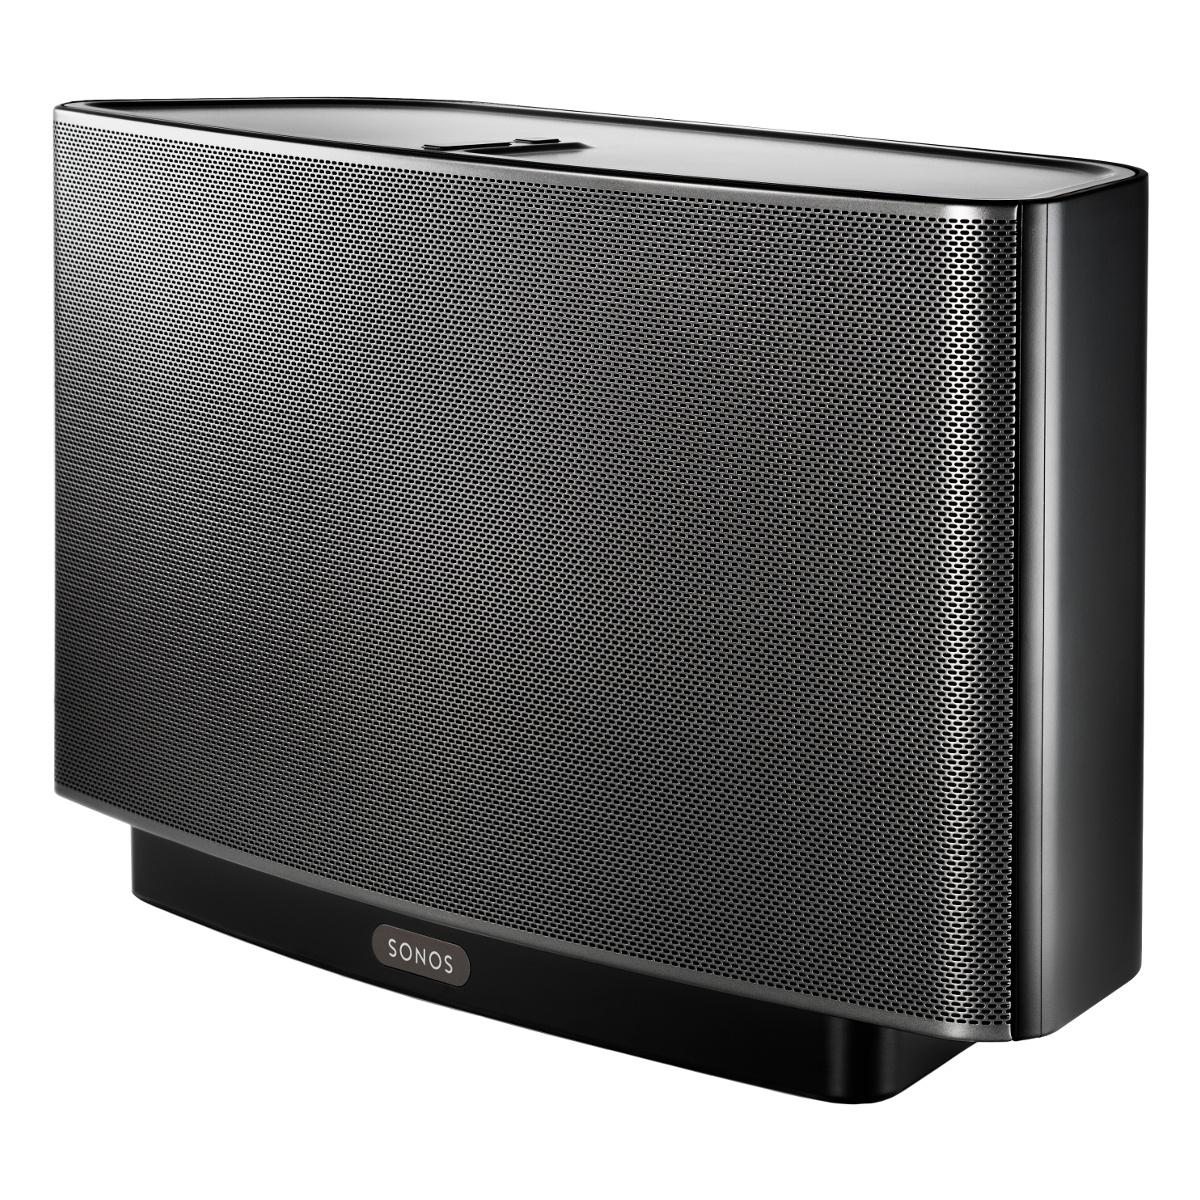 REFURBISHED Sonos Play 5 Wireless Multi-Room Audio Speaker in Black